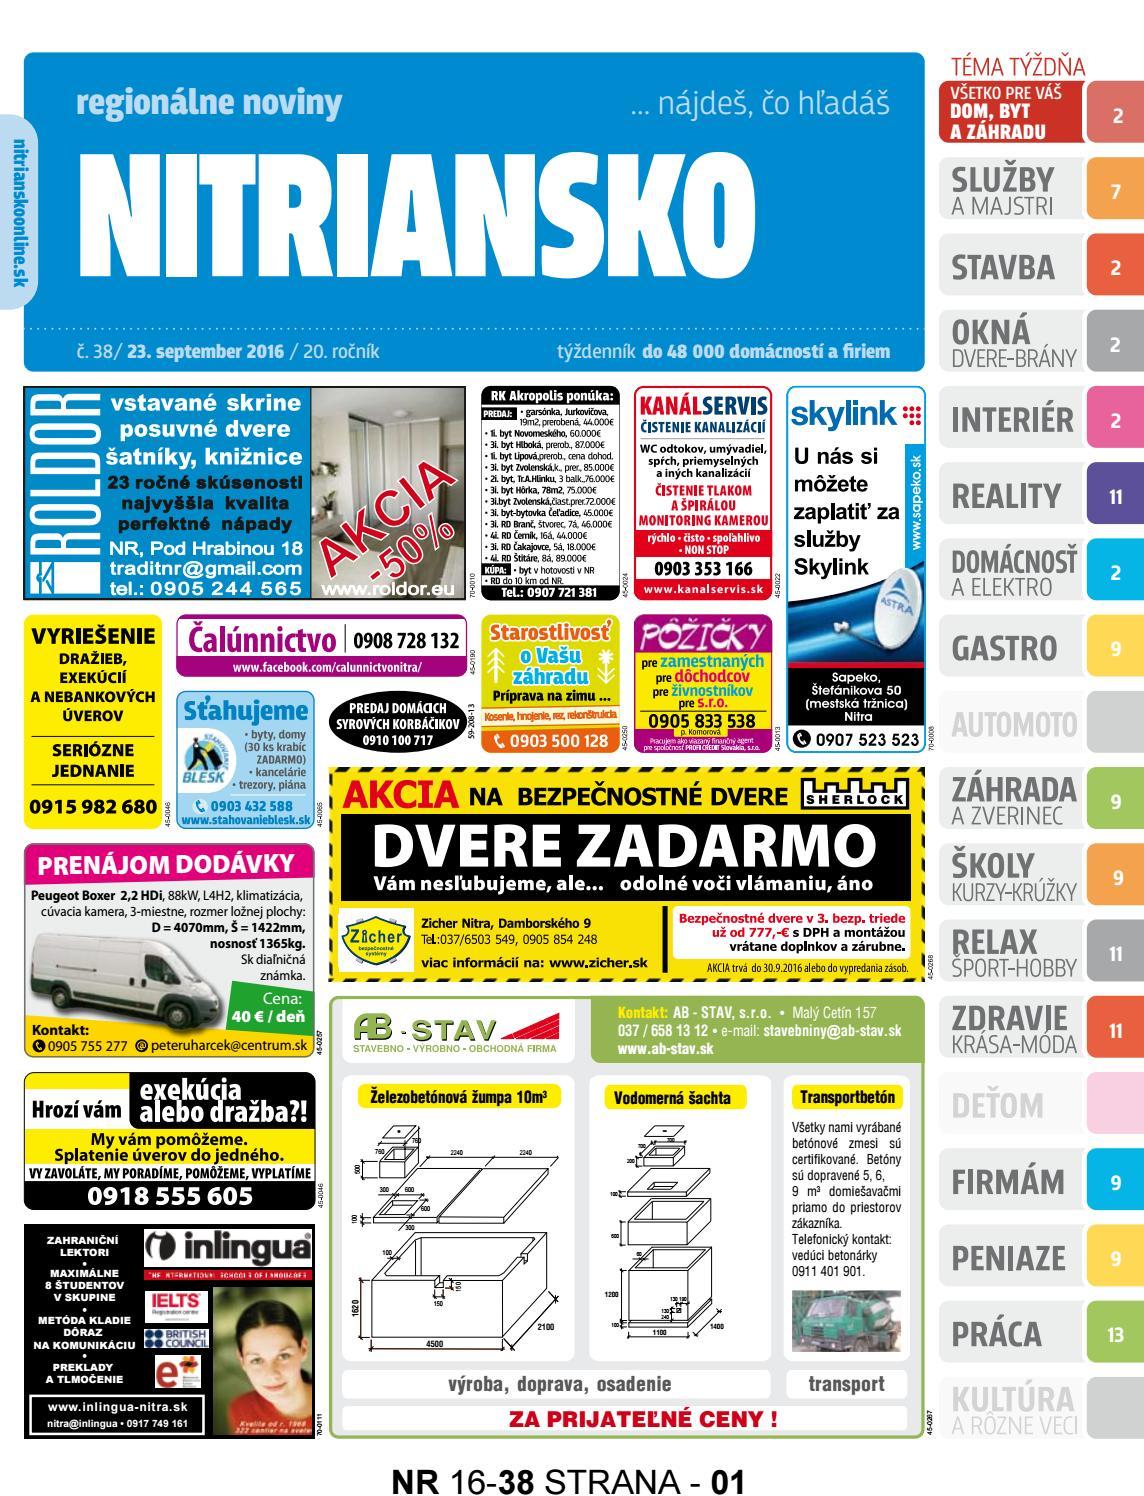 Kosovo zadarmo Zoznamka